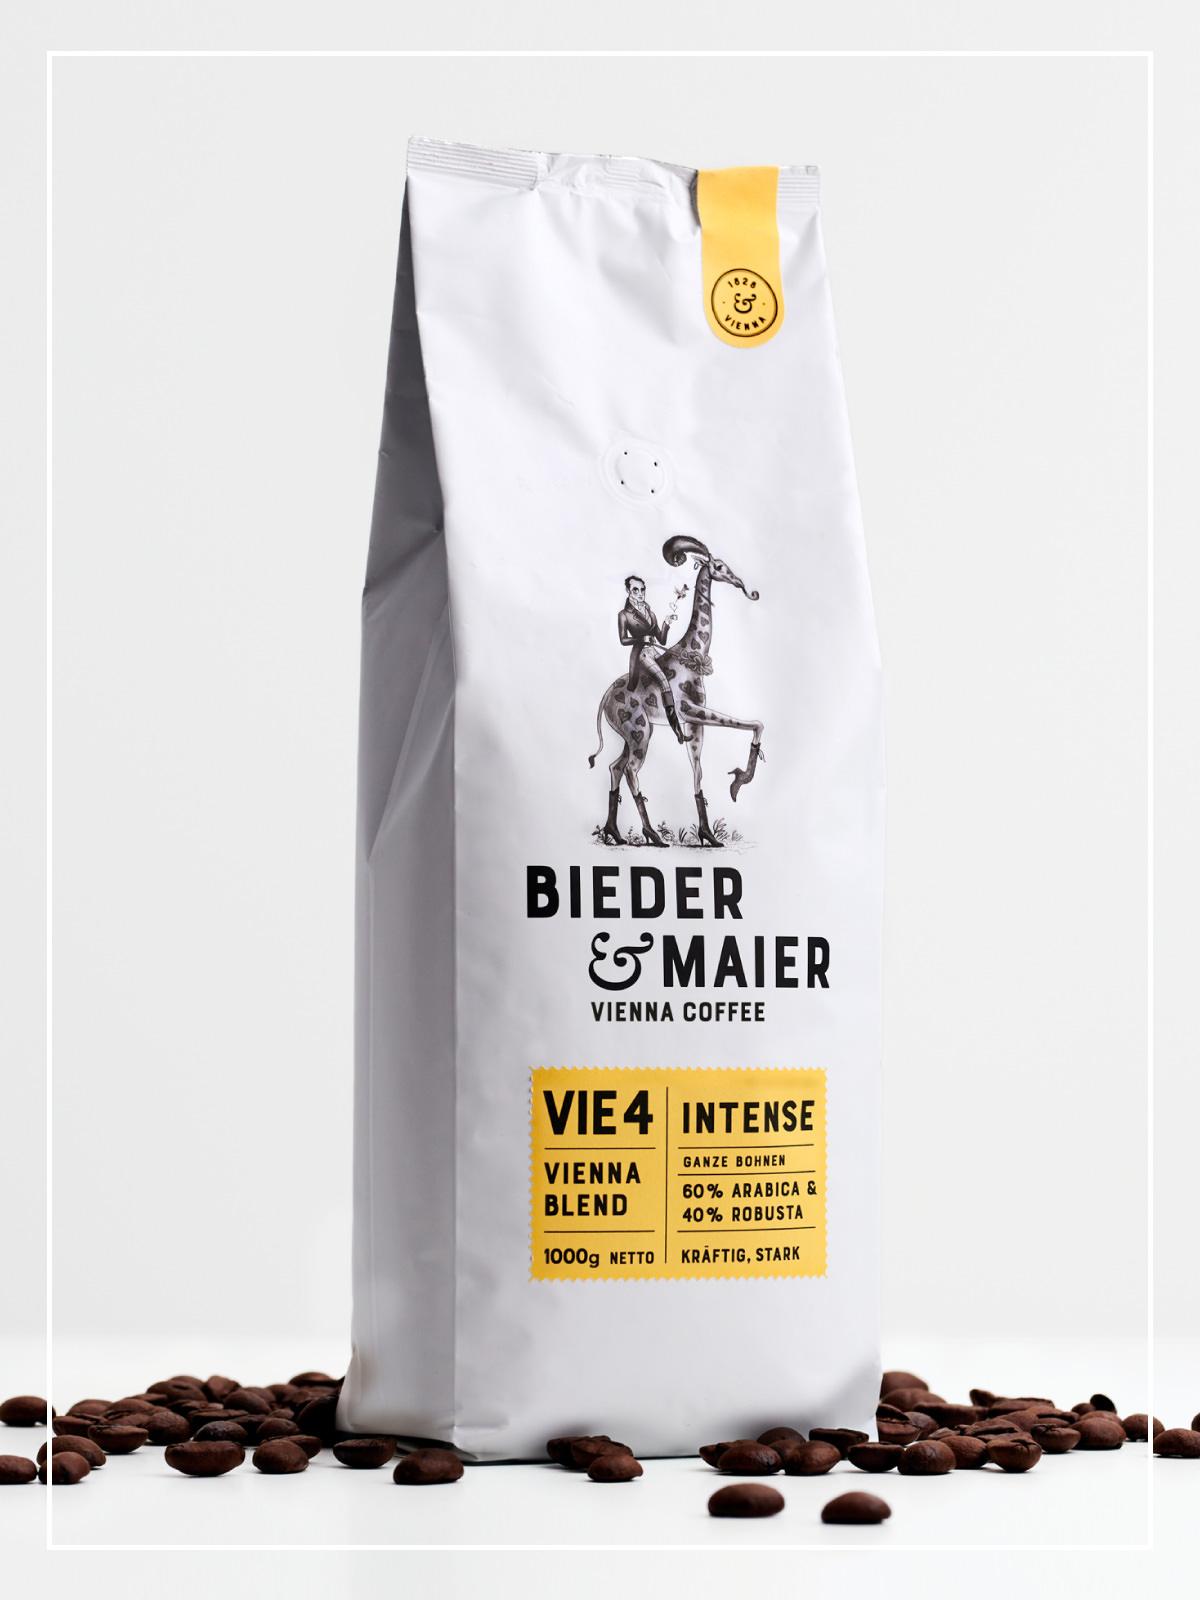 frederickandsophie-gourmet-biederundmaier-vienna-blend-coffee